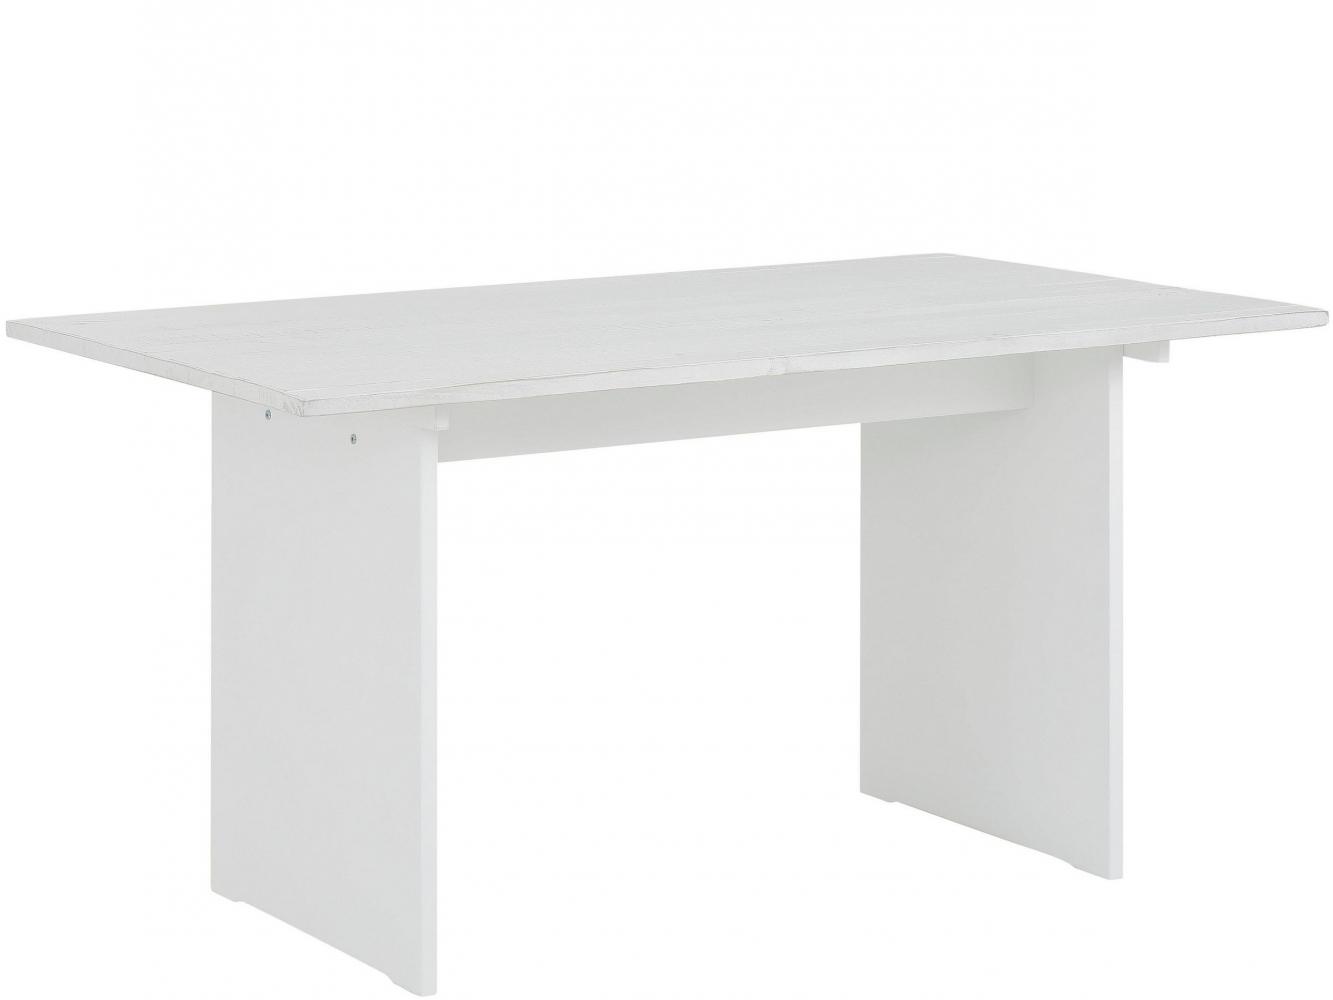 Jídelní stůl Morgen, 140 cm, bílá